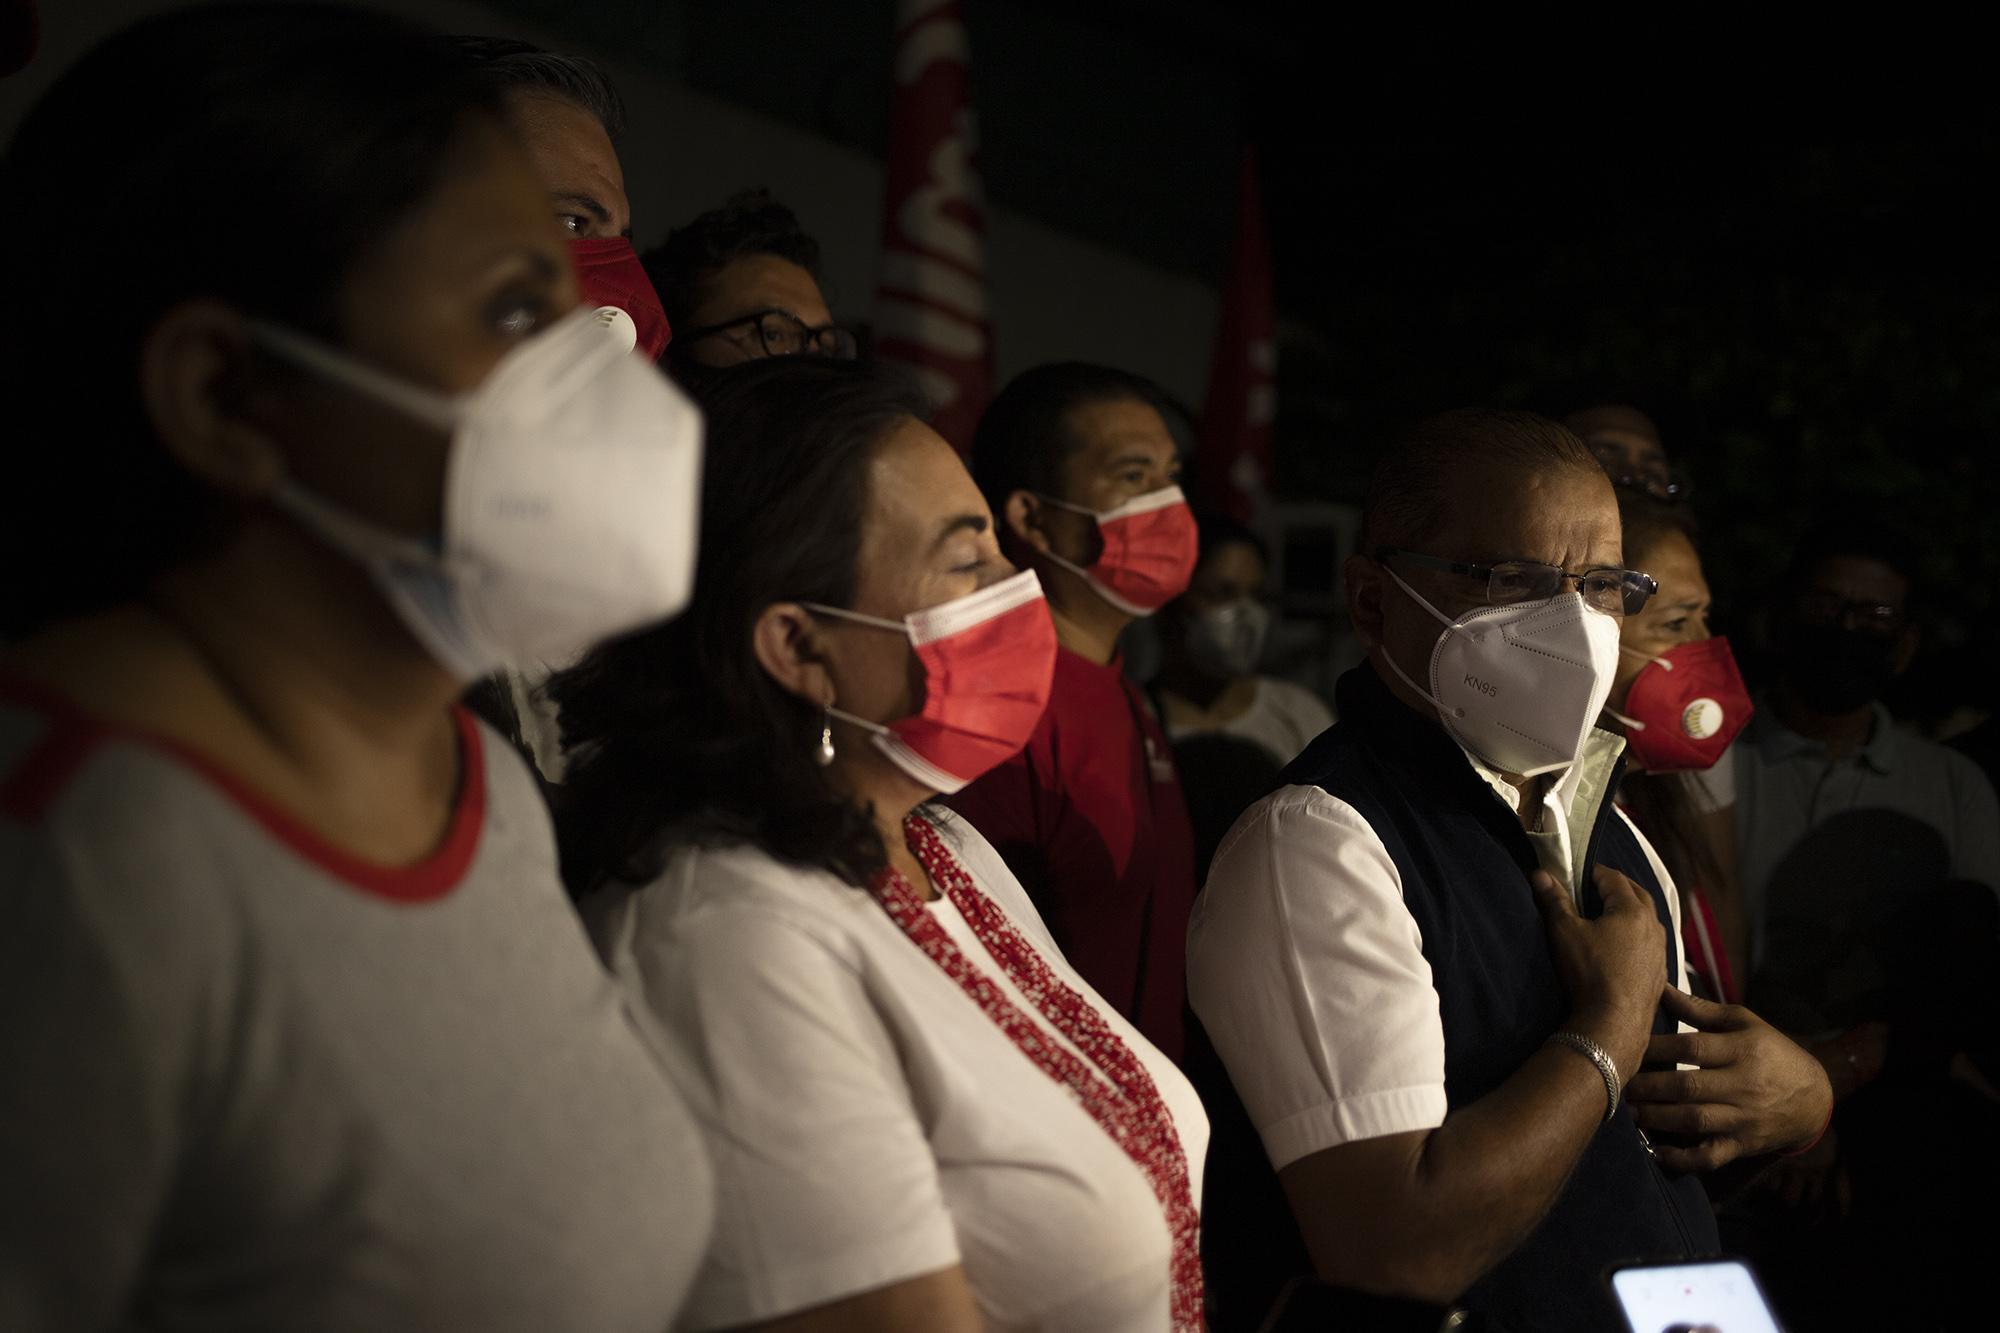 Miembros de la cúpula del Fmln encabezados por Óscar Ortiz brindaron una conferencia de prensa en la entrada del hospital Rosales, allí los líderes del partido condenaron el atentado sufrido por los simpatizantes y pidieron a las autoridades esclarecer el caso para que se haga justicia. Foto de El Faro: Carlos Barrera